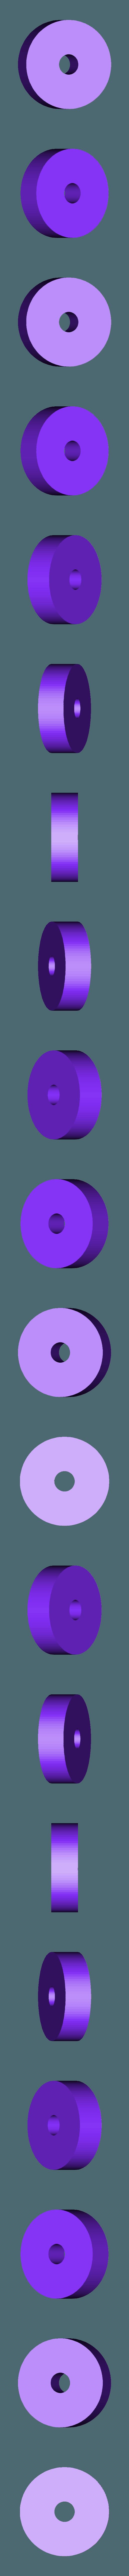 maru2.stl Télécharger fichier STL gratuit VOITURE • Objet imprimable en 3D, choimoni